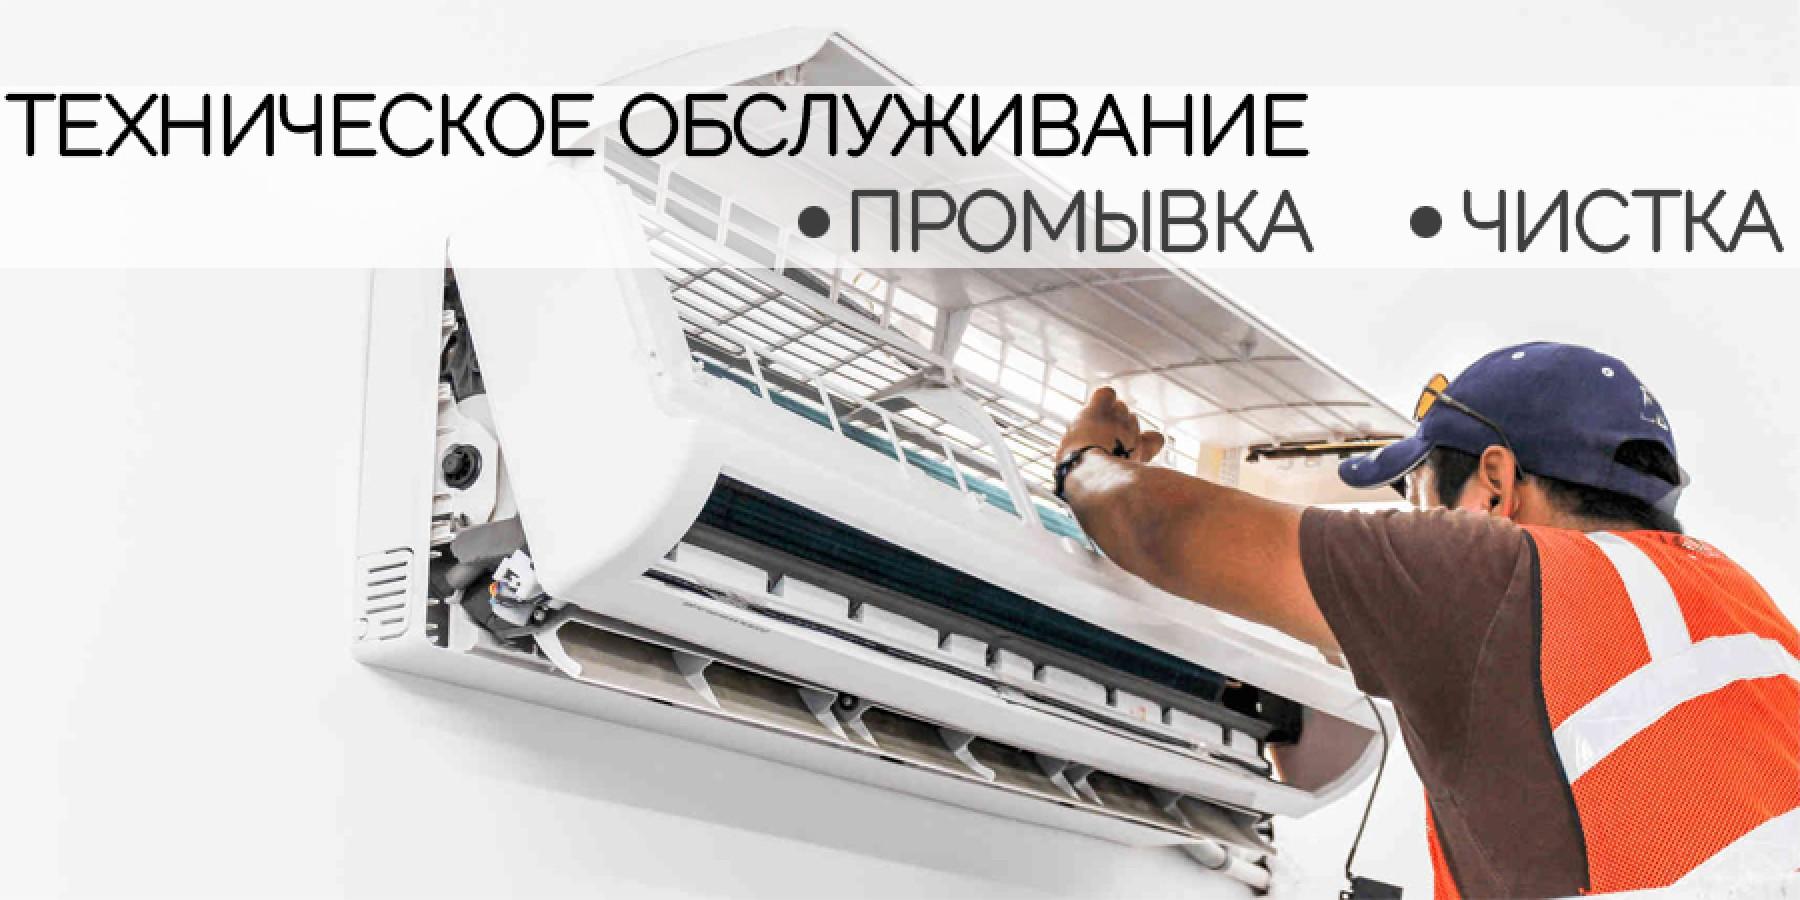 Техническое обслуживание кондиционера